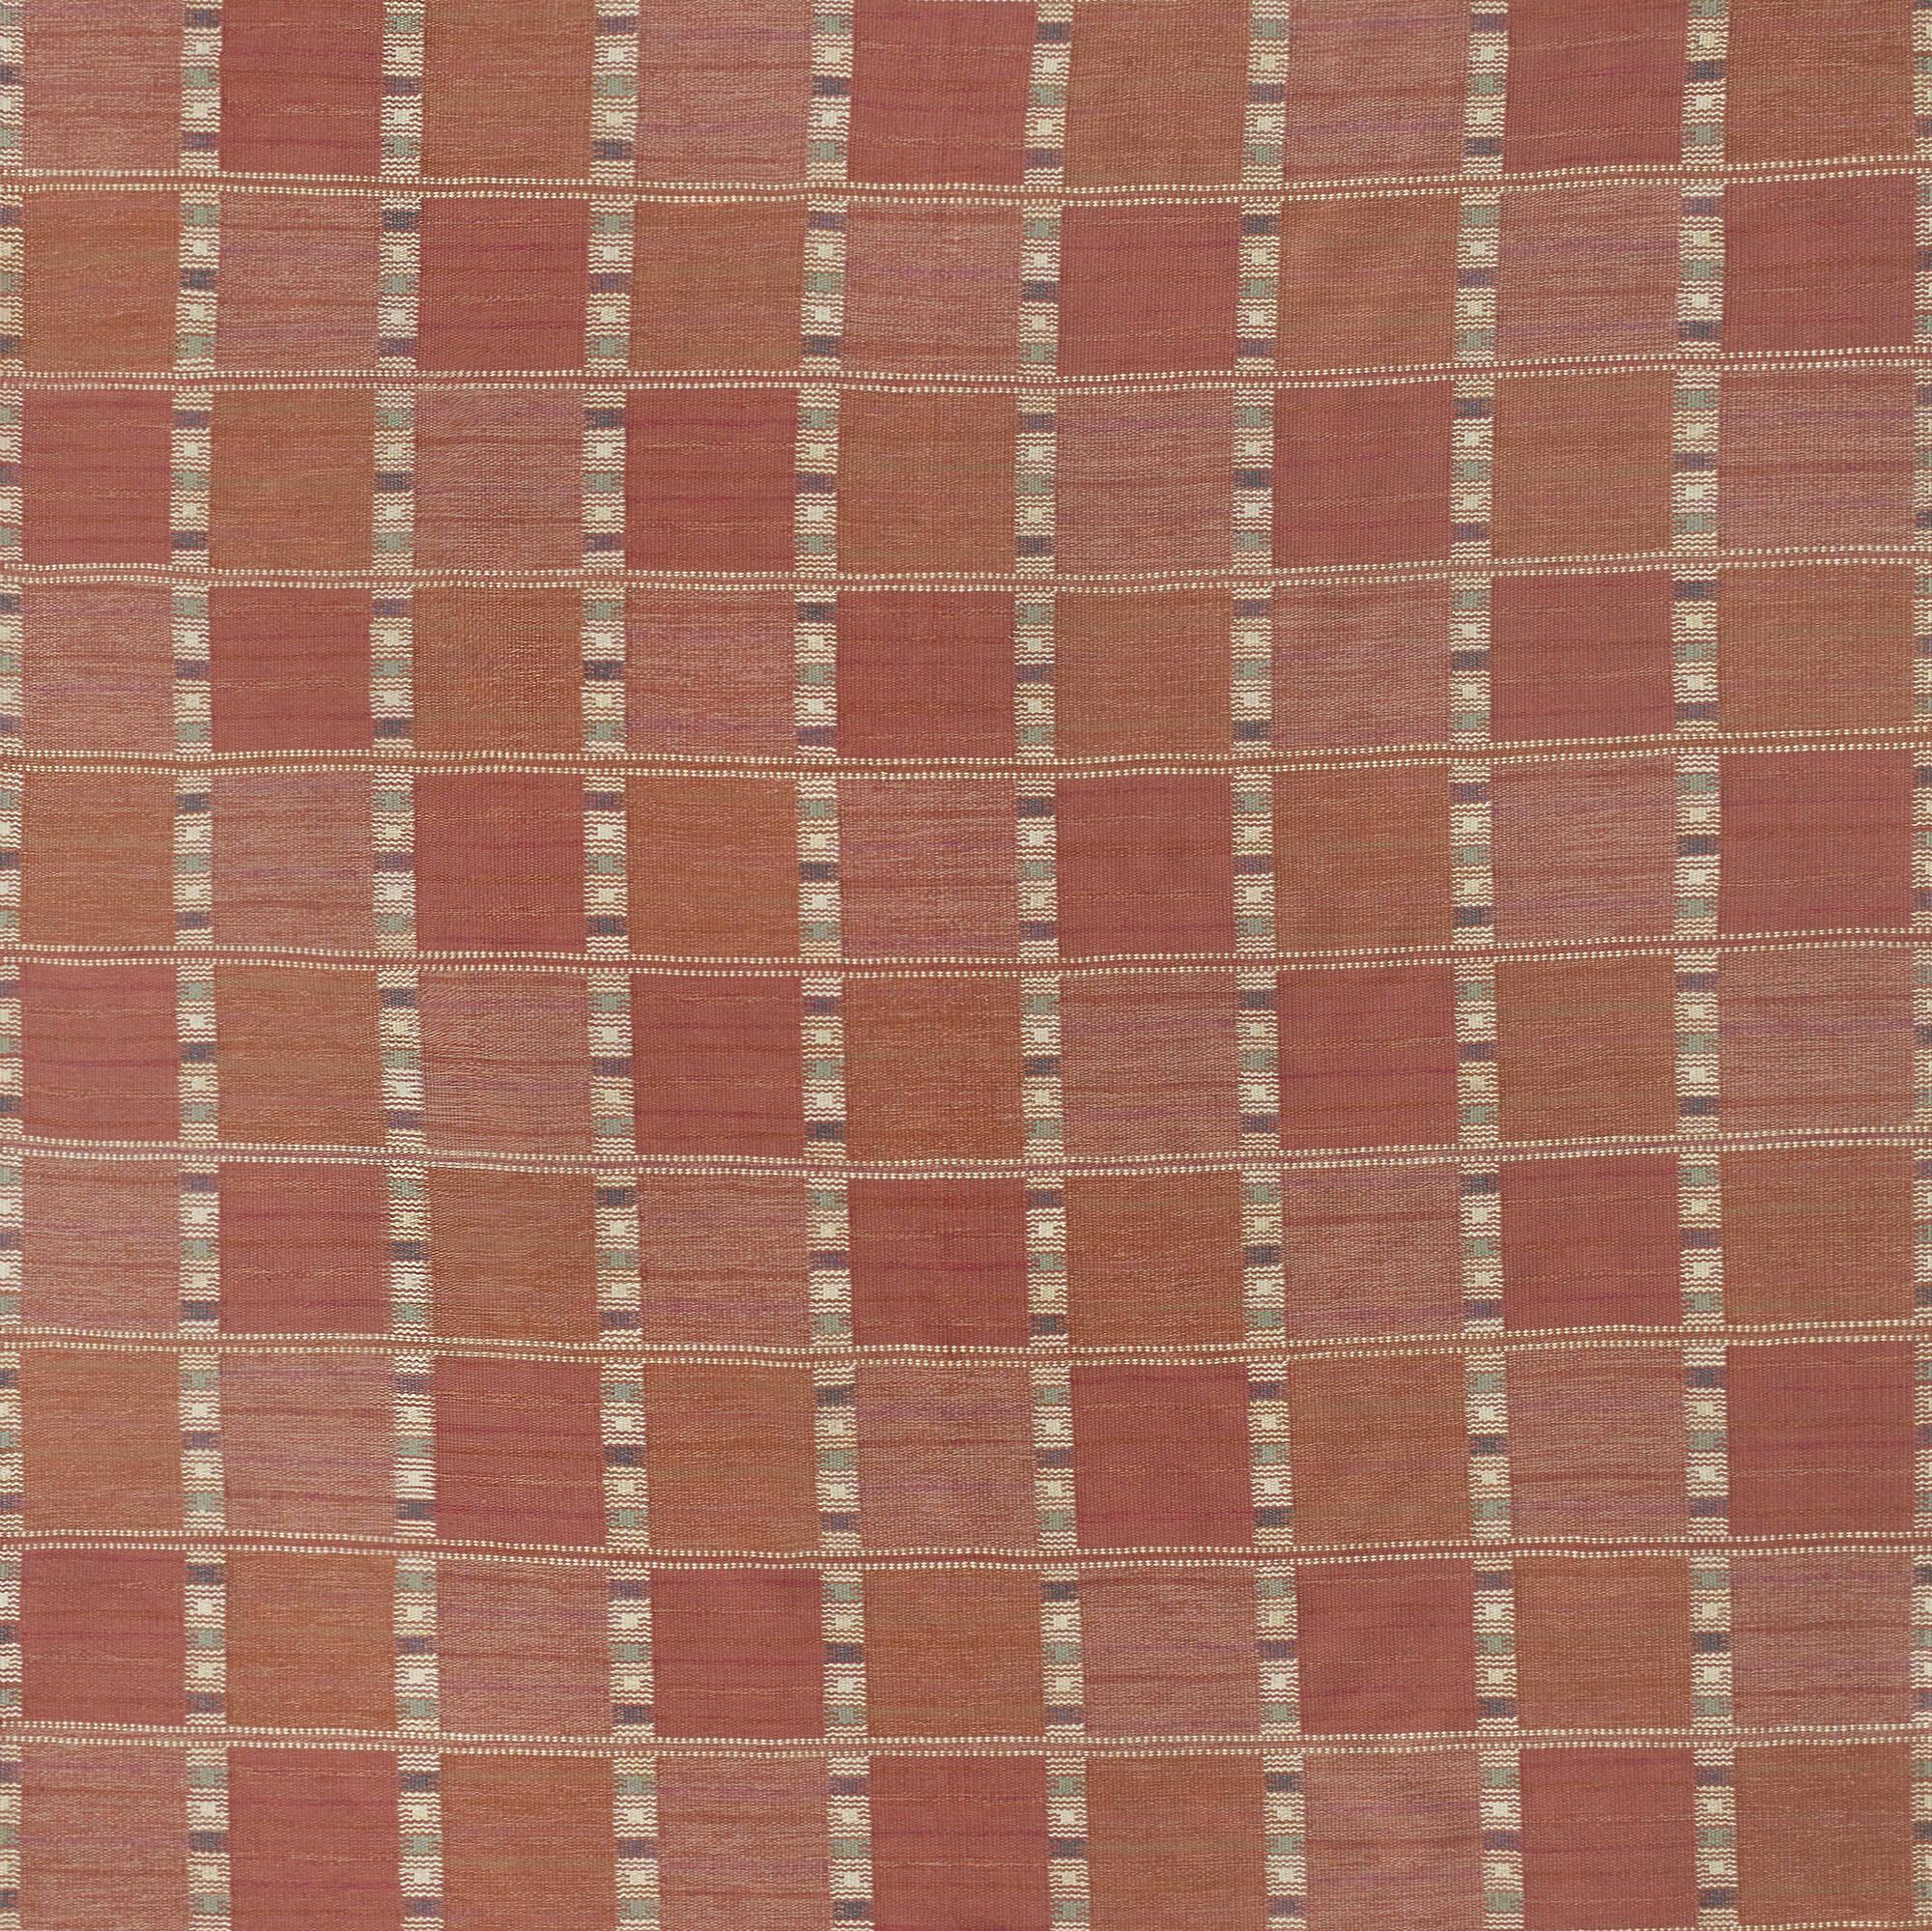 155: Barbro Nilsson / rare Falurutan flatweave carpet (2 of 2)